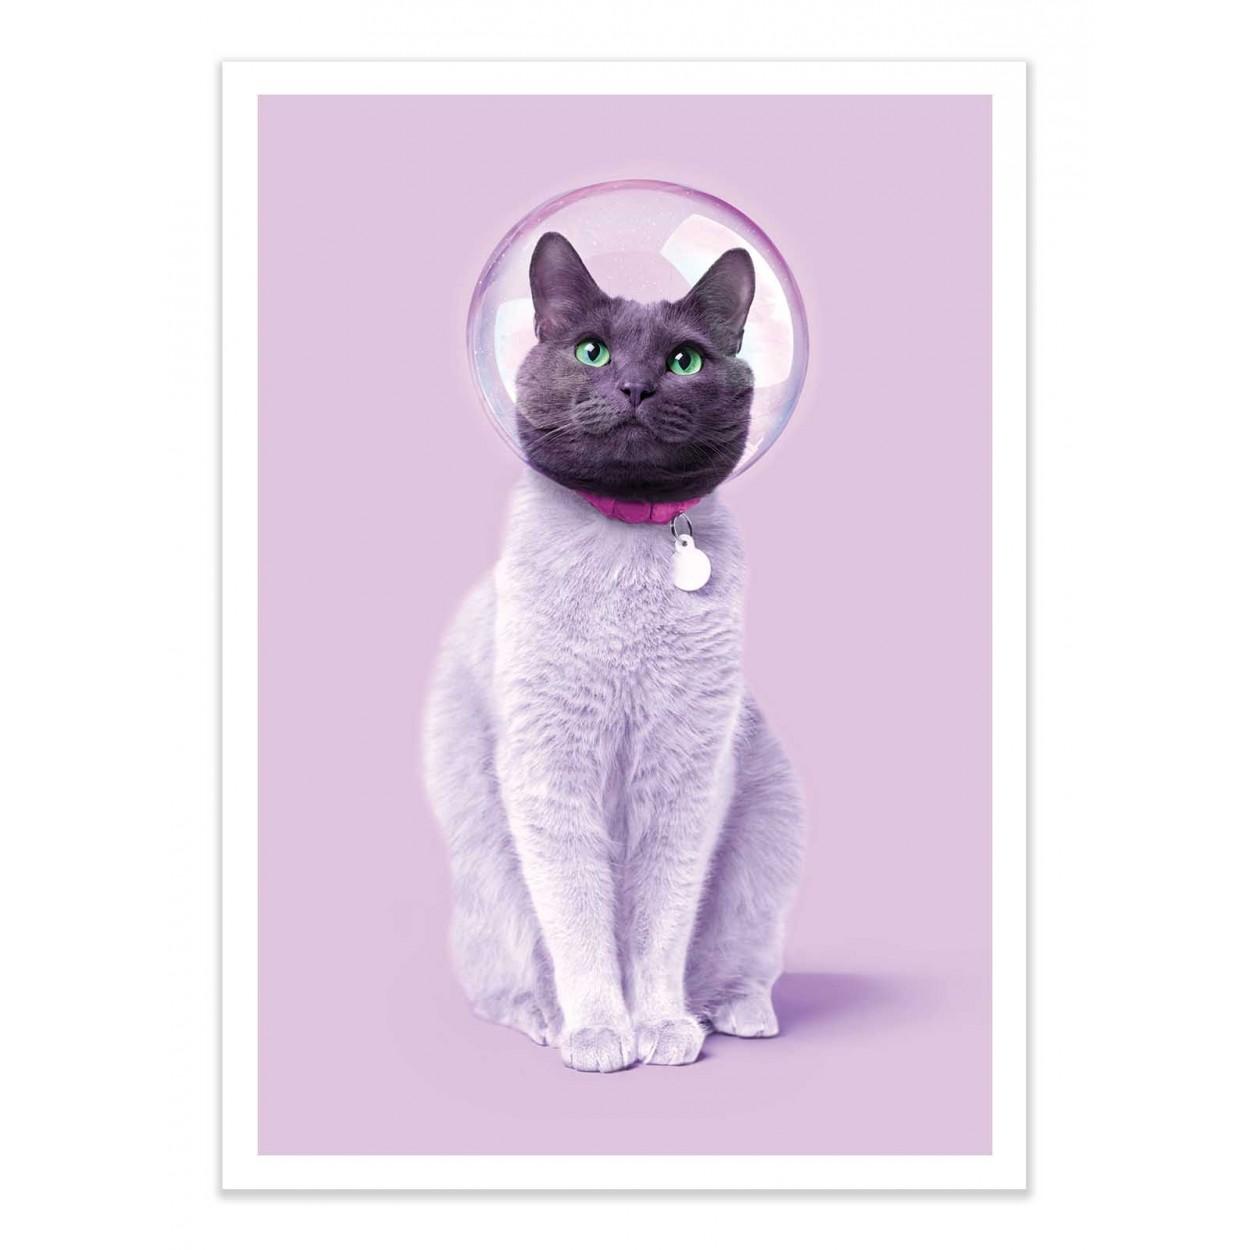 SPACE CAT - Affiche d'art 50 x 70 cm